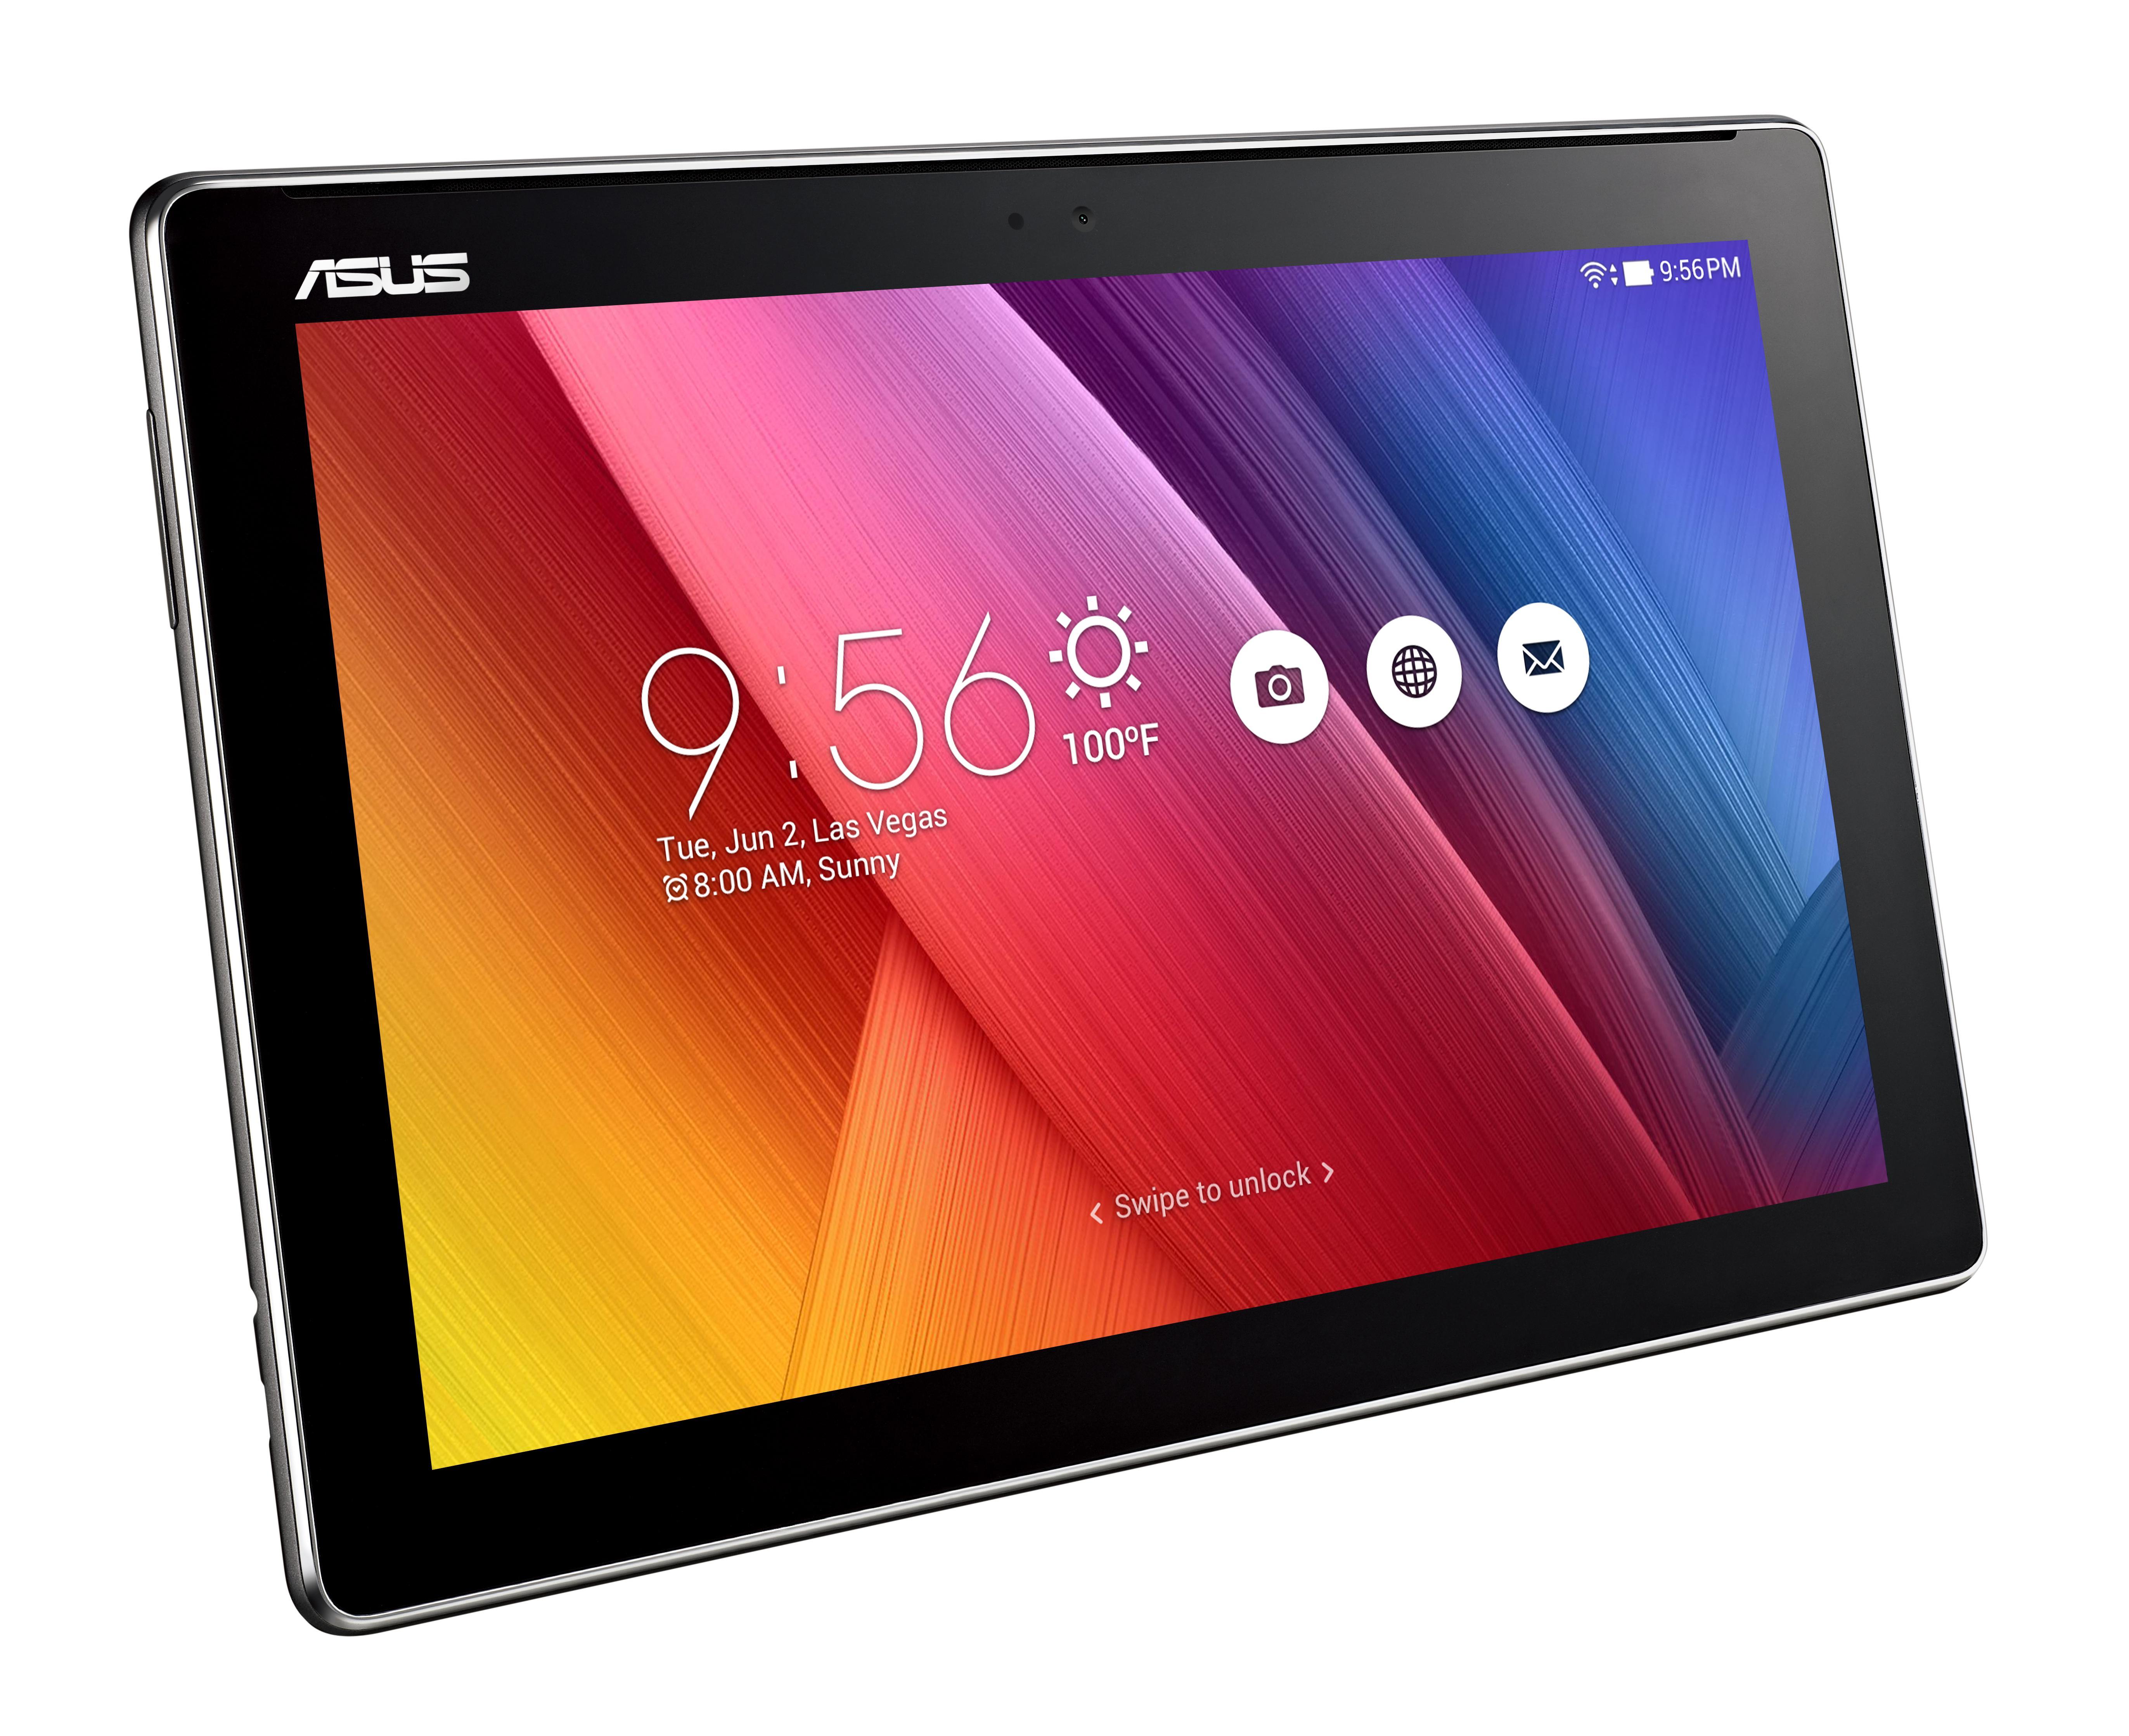 ASUS Zenpad 10.1/Z3560/32G/2G/LTE/A M, černá